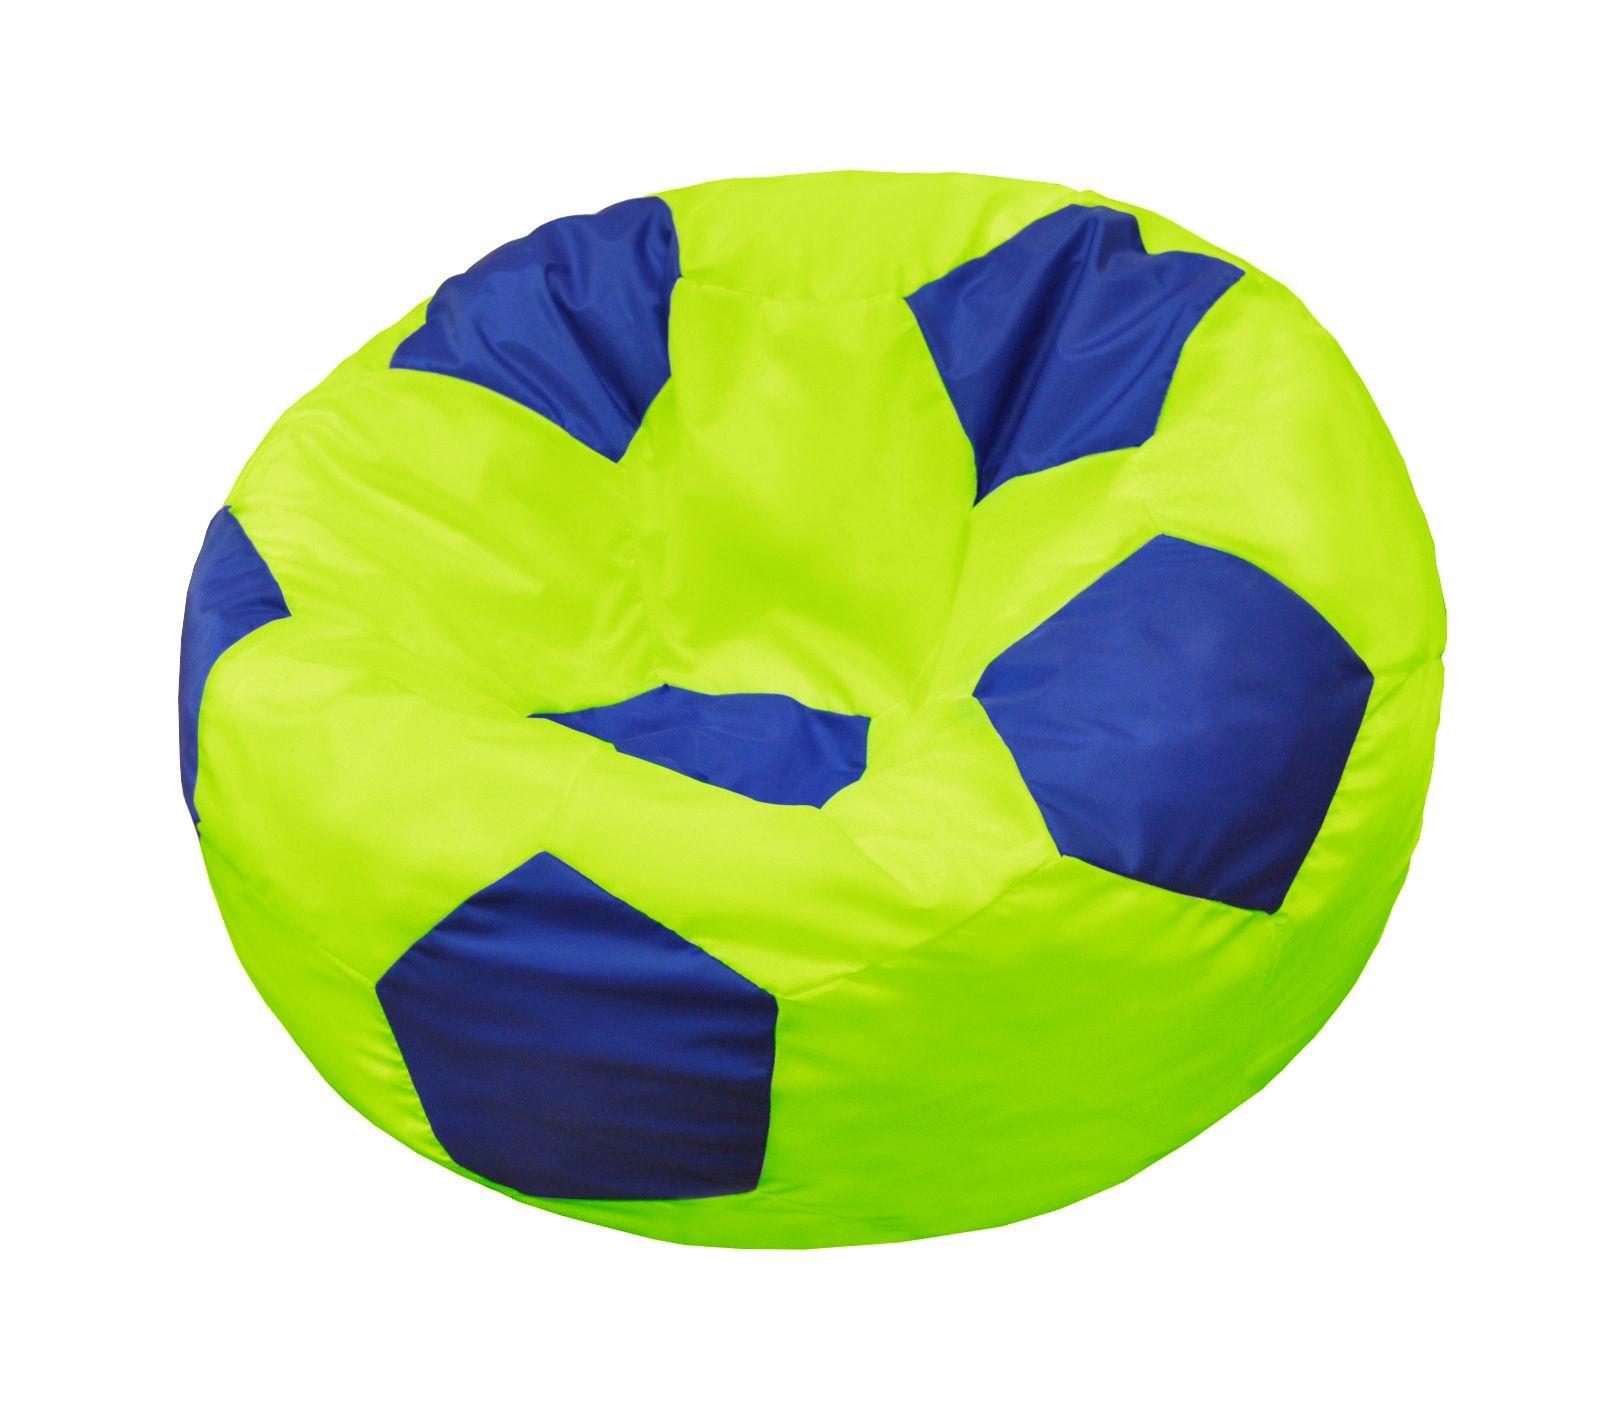 Кресло-мяч Pazitif Мяч Пазитифчик, размер XL, оксфорд, лимонно-синий фото